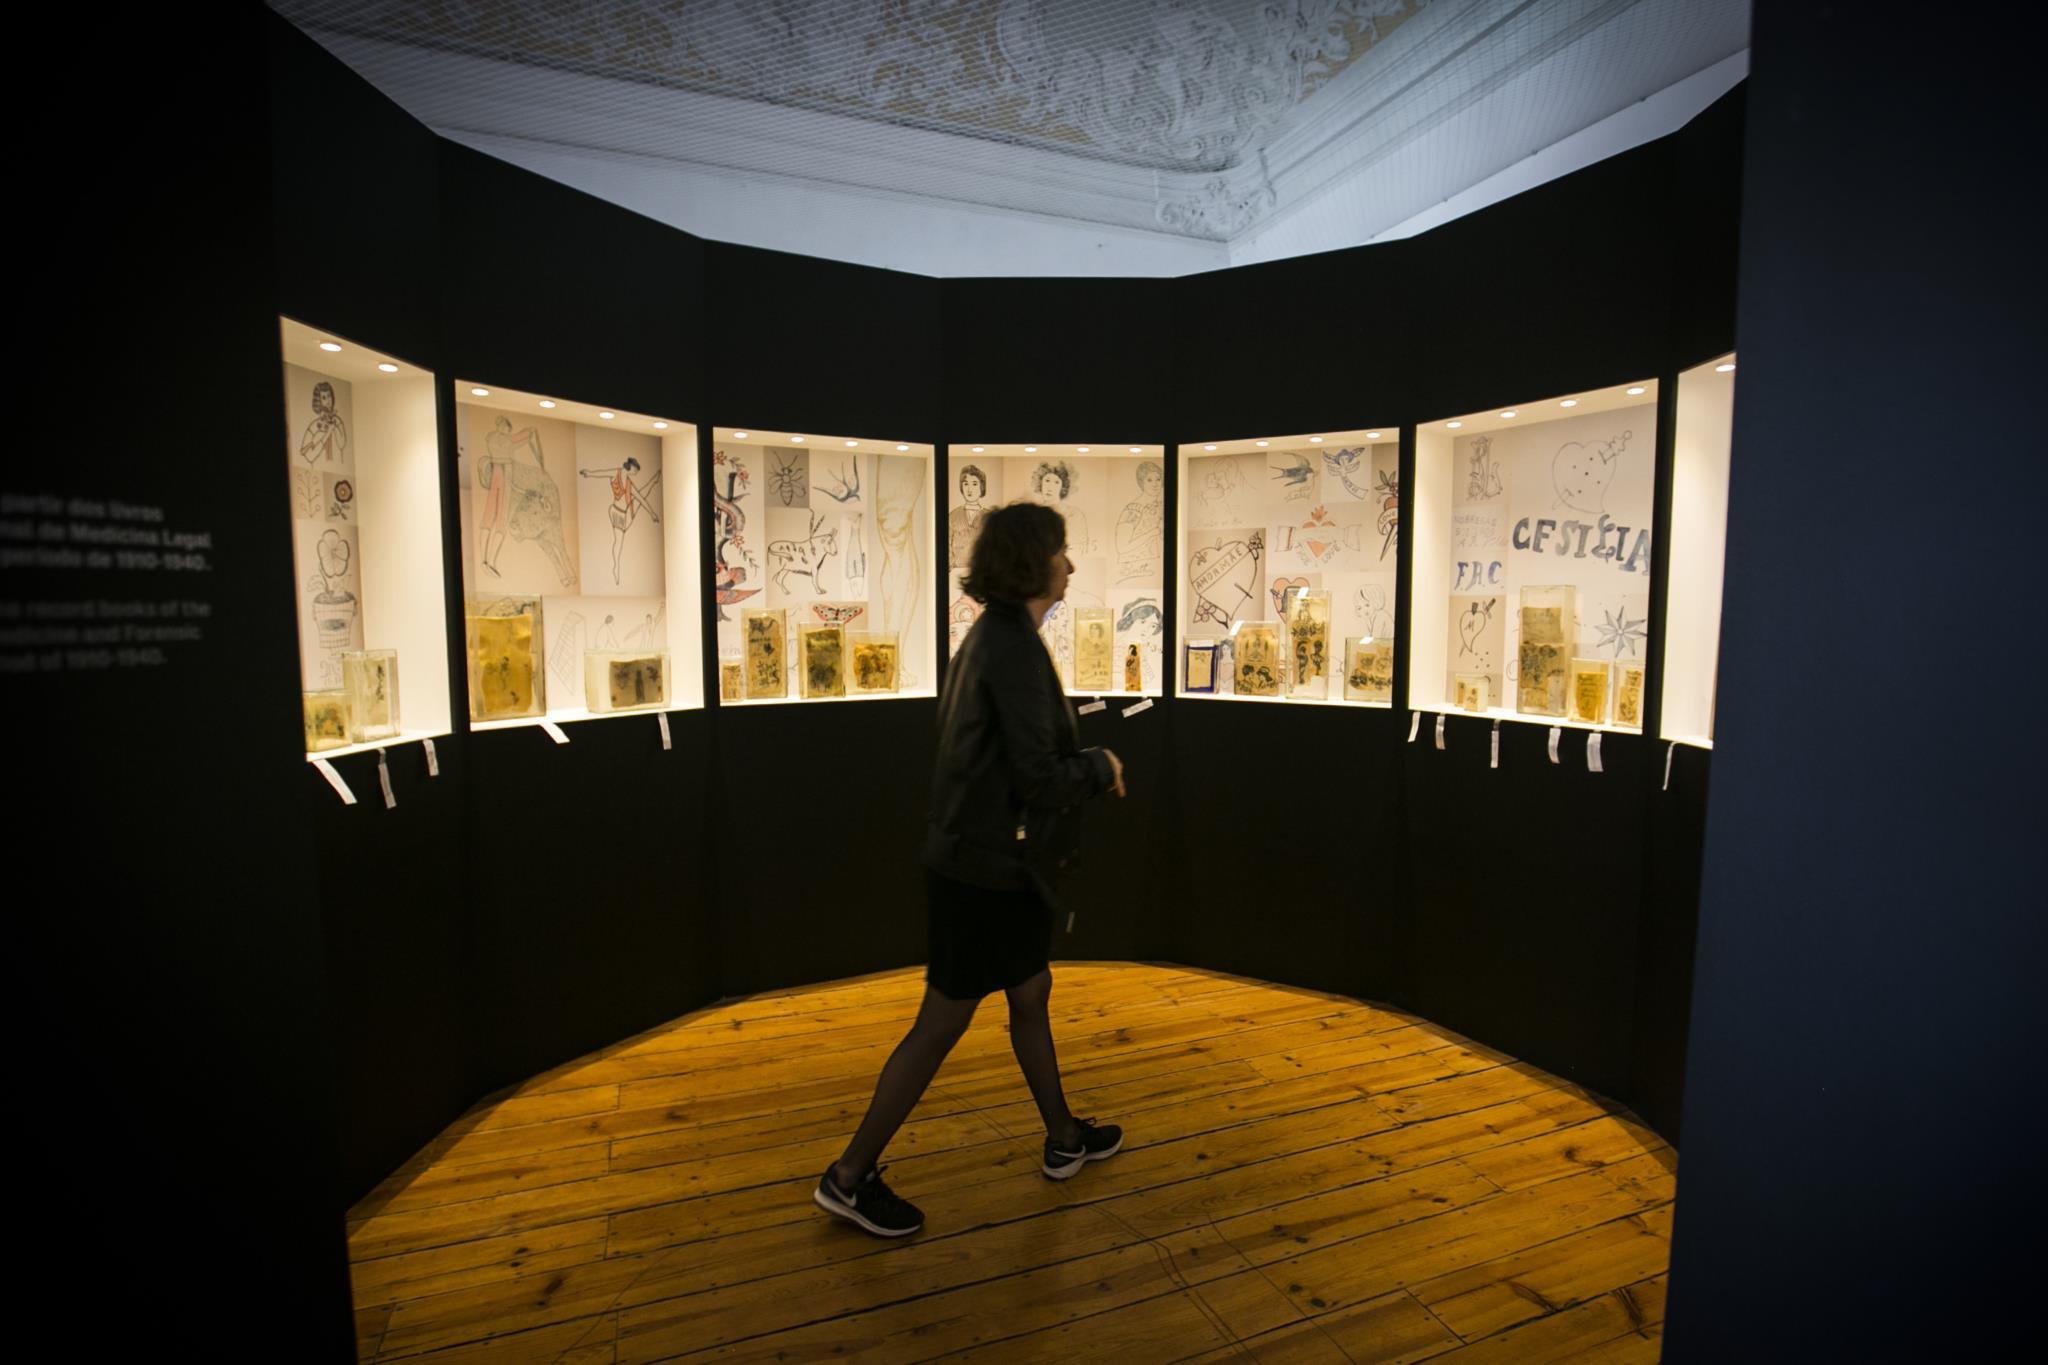 PÚBLICO - É pele portuguesa, com certeza – tatuada há cem anos e exposta em Lisboa